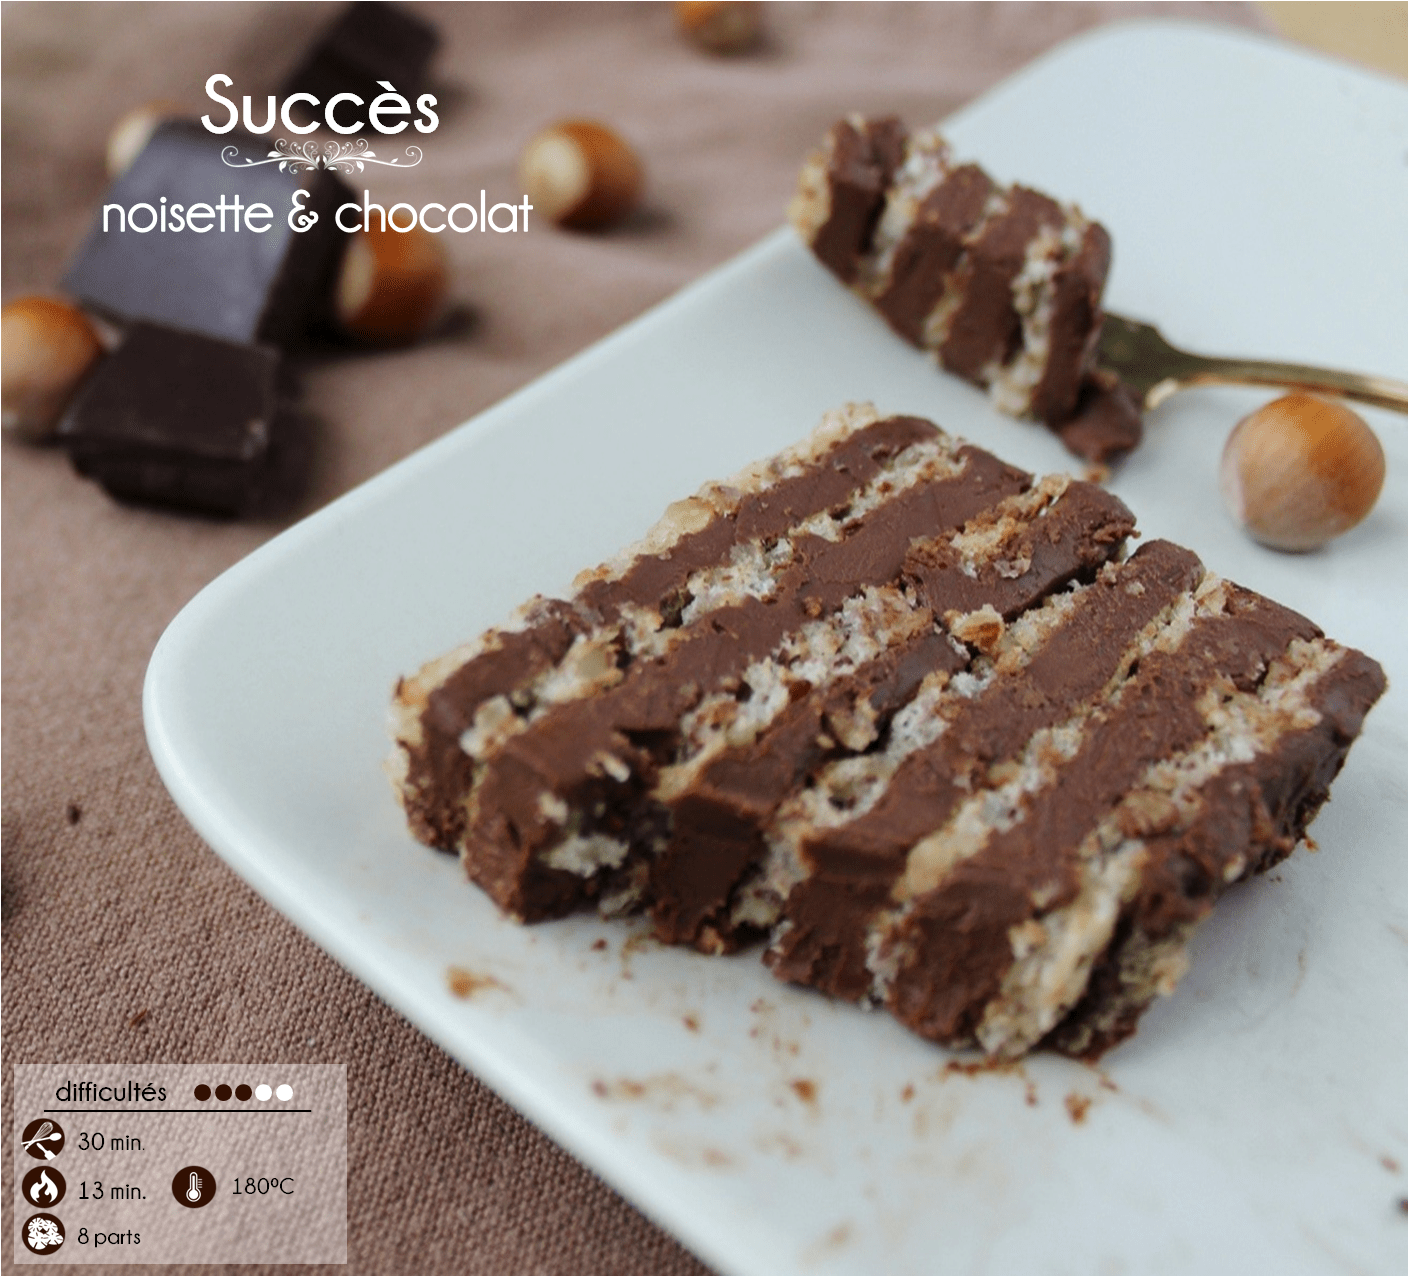 succes noisette chocolat